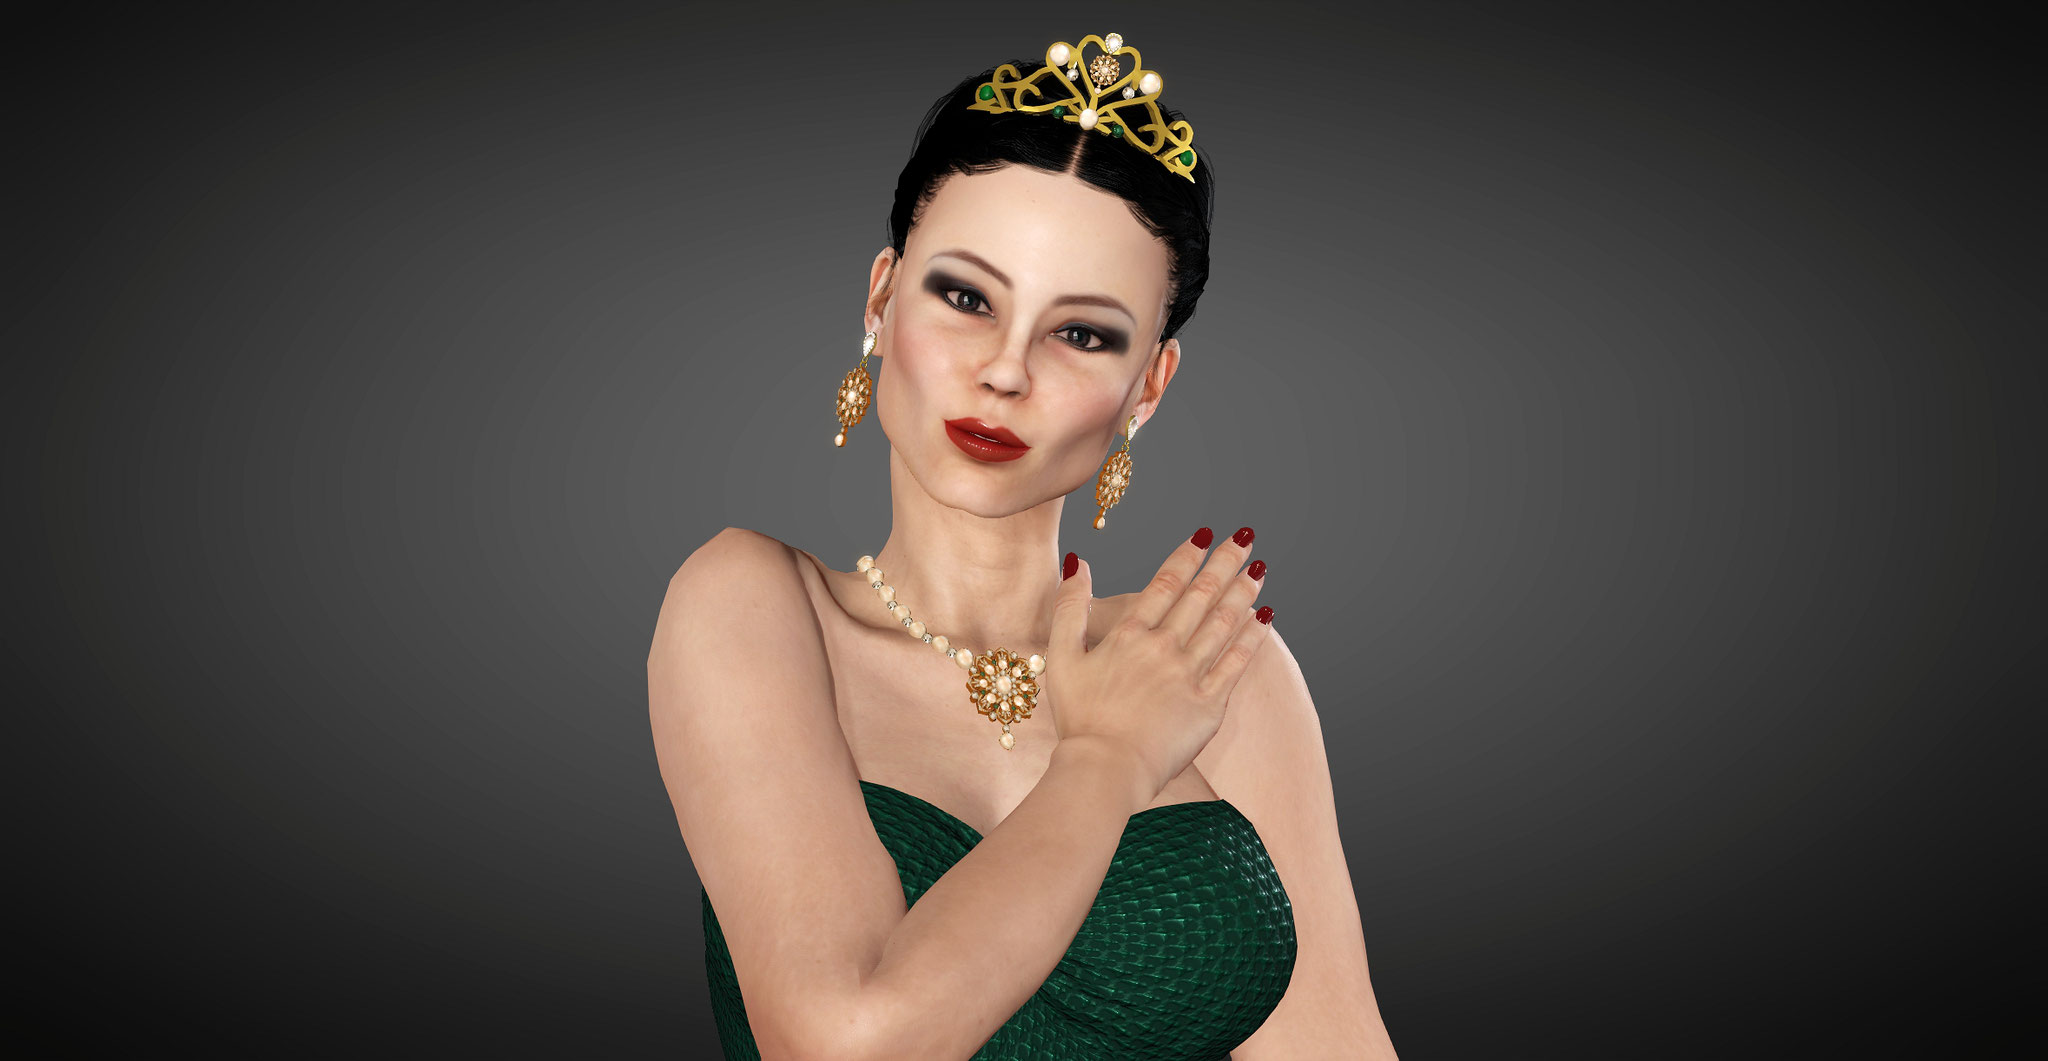 Prinzessin, 26 jährig